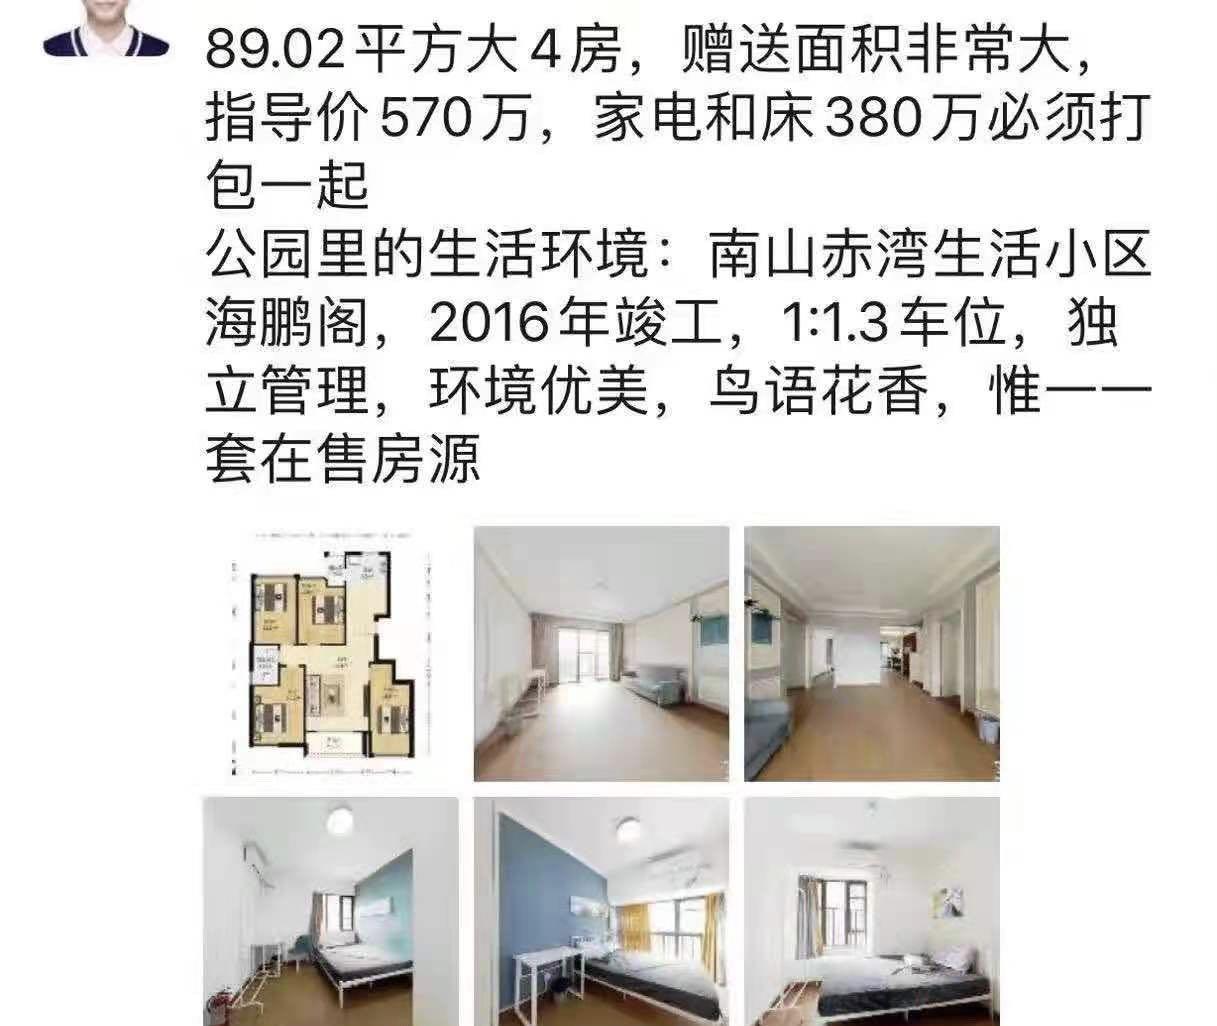 一套950万深圳二手房 家电和床占380万?真相揭秘